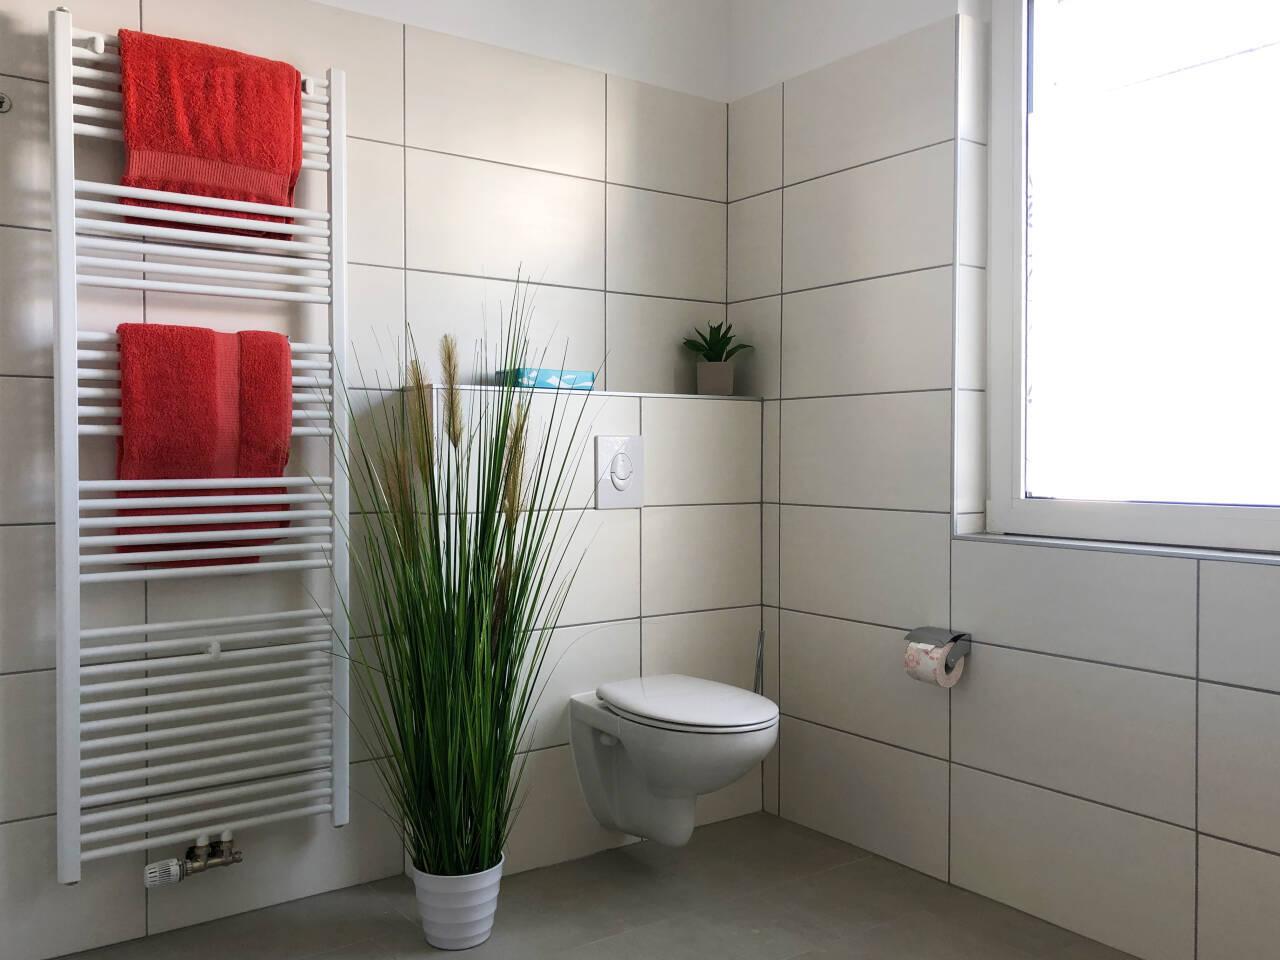 Helles freundliche Badezimmer Toiletten bereich